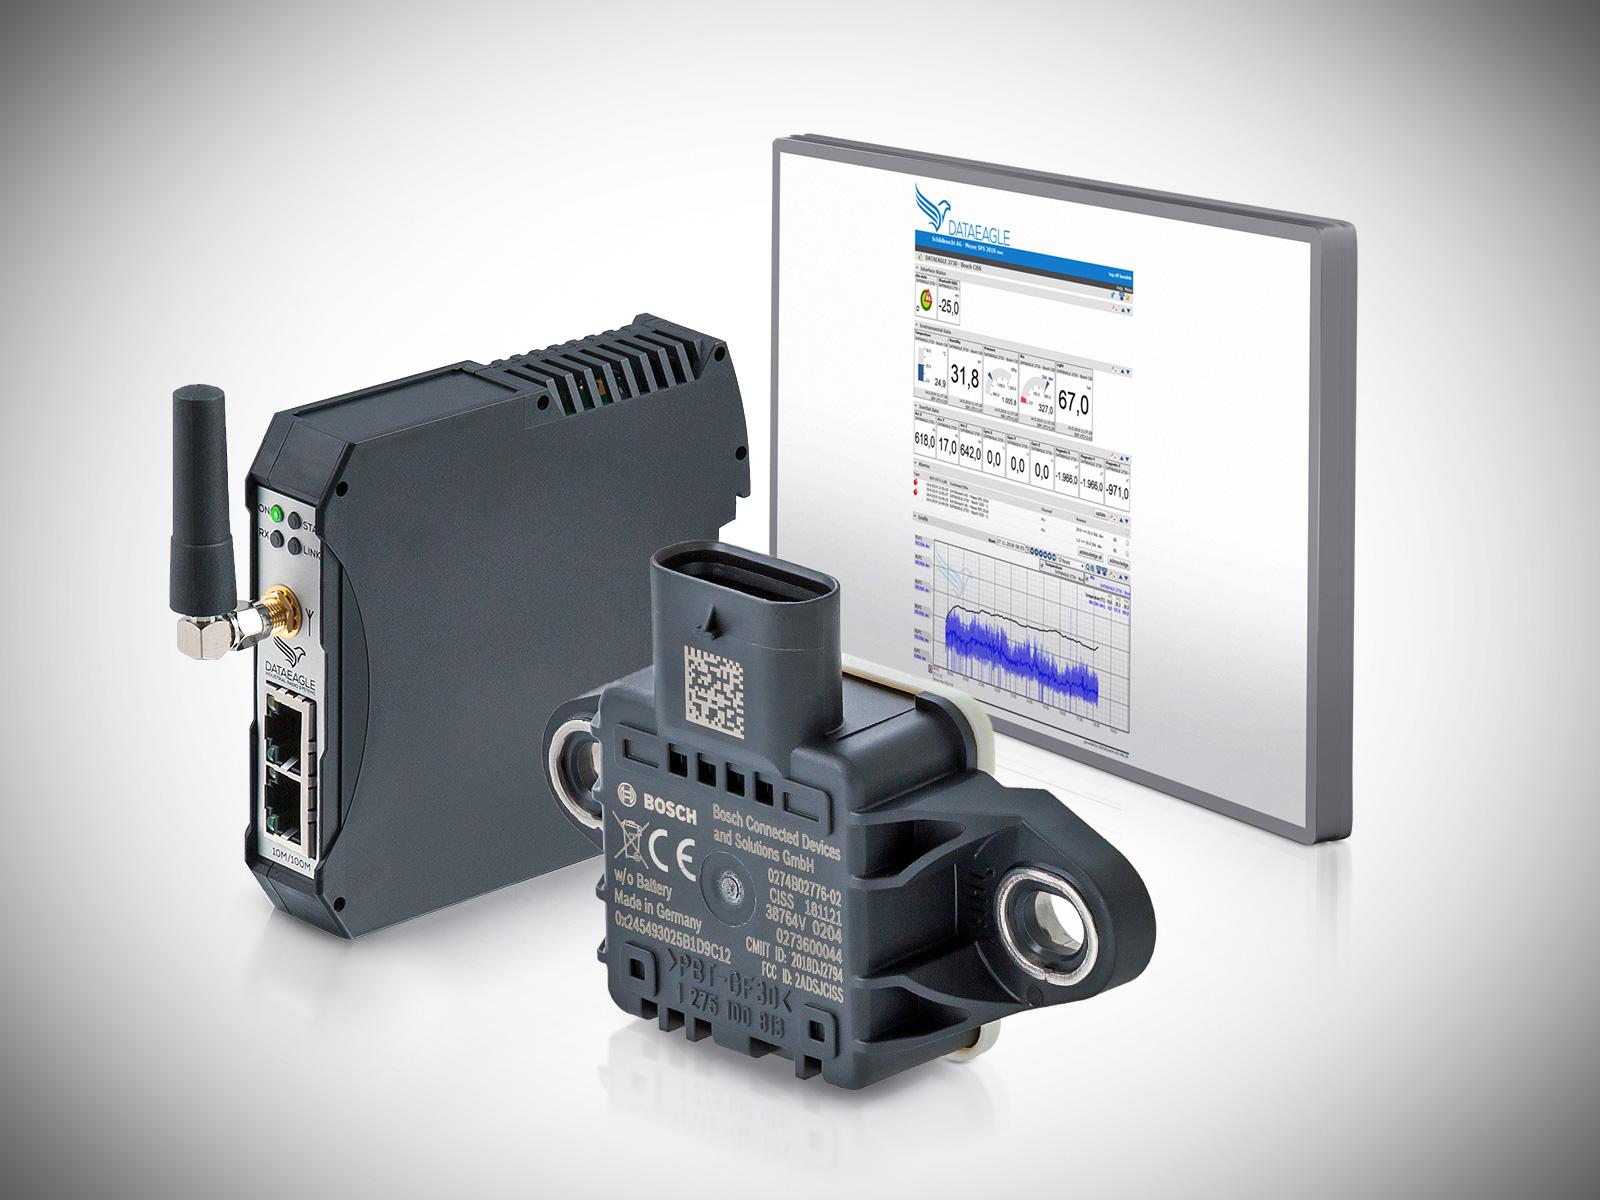 Condition Monitoring System - IoT Datenfunkmodem, Bosch Multisensor und DATAEAGLE Portal für die Fernüberwachung von Motoren und Maschinen